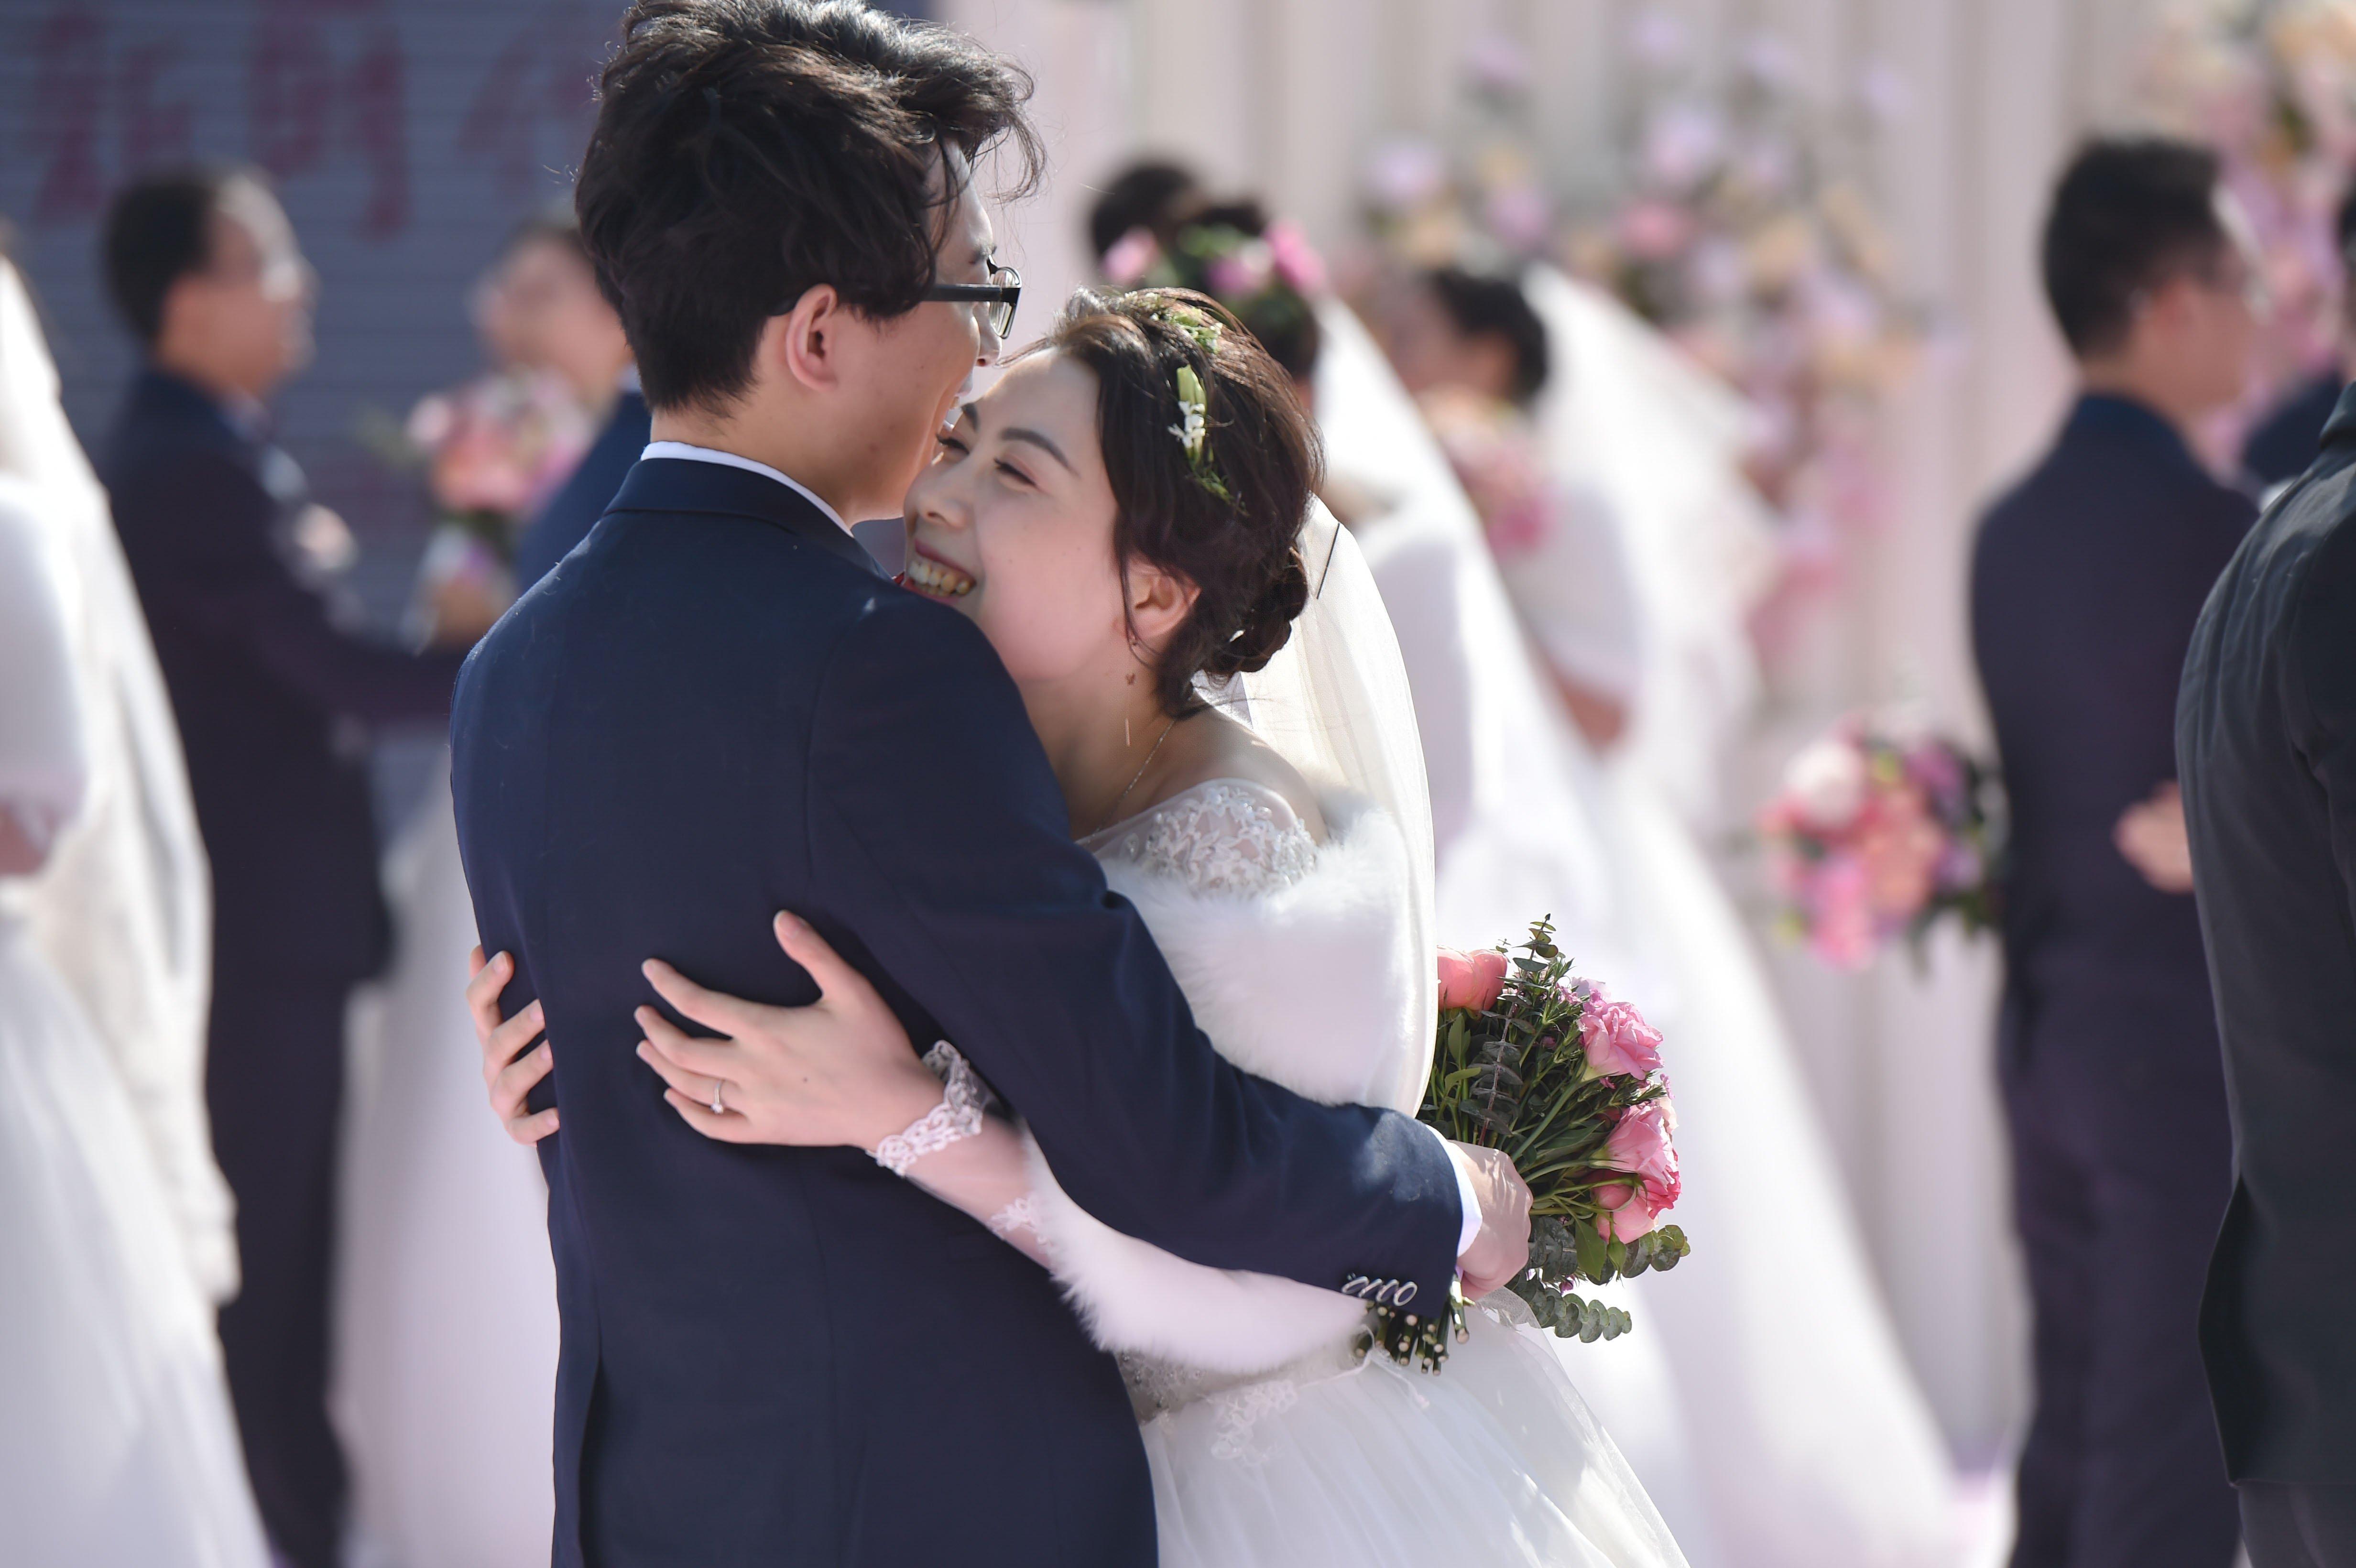 山西设9500万结婚补贴鼓励年轻人结婚 英报:欲提高生育率